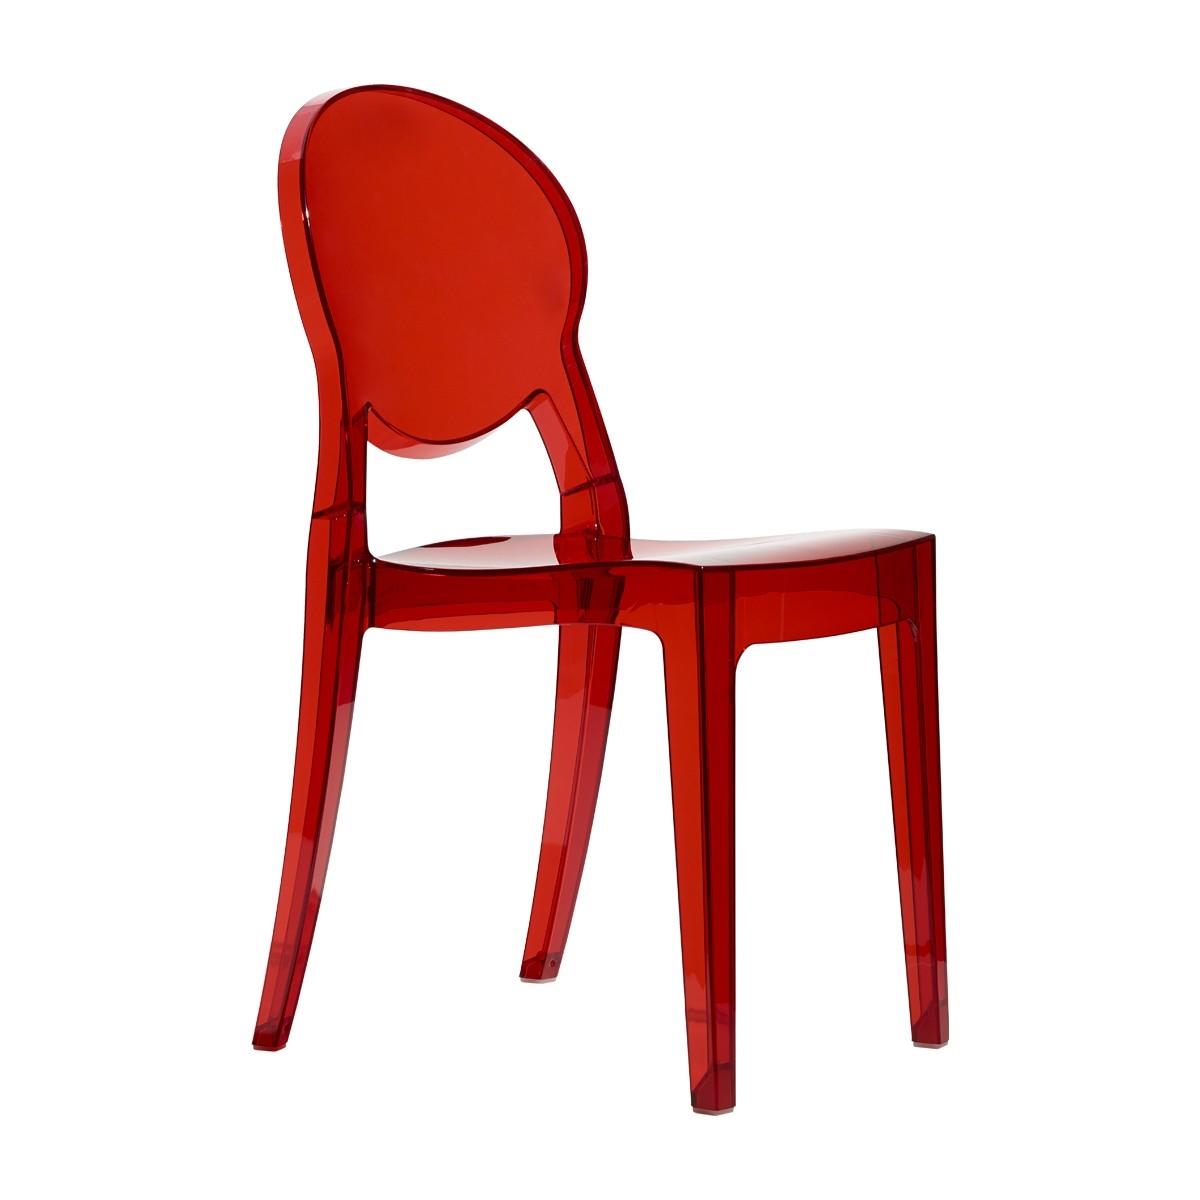 sedie scab igloo scontata del 36 sedie a prezzi scontati